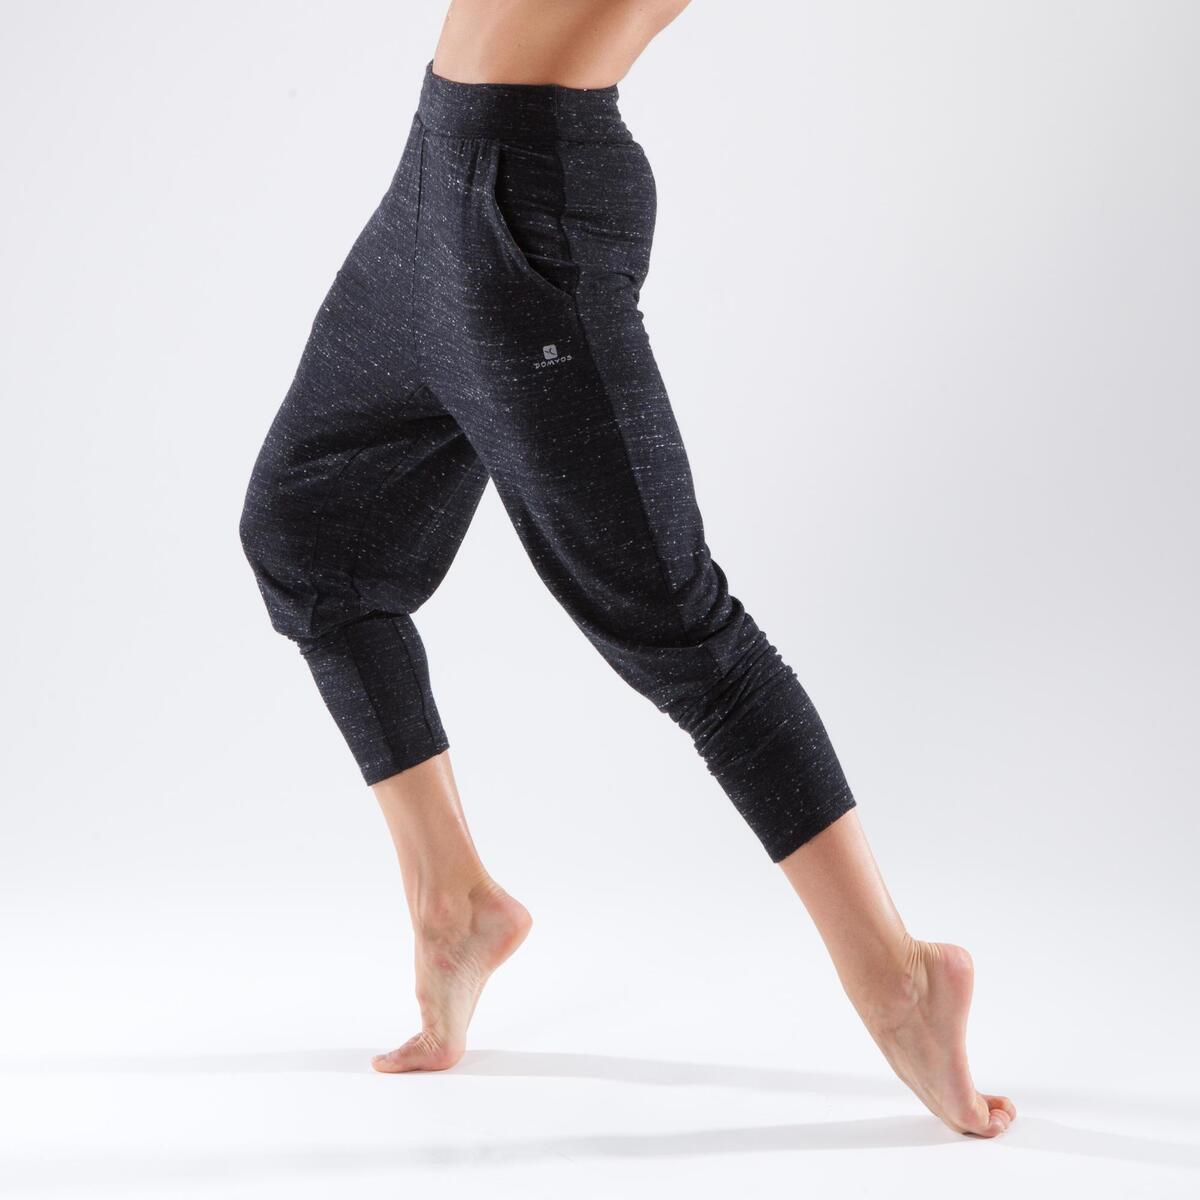 Bild 5 von Tanzhose Karottenform Modern Dance Damen grau meliert